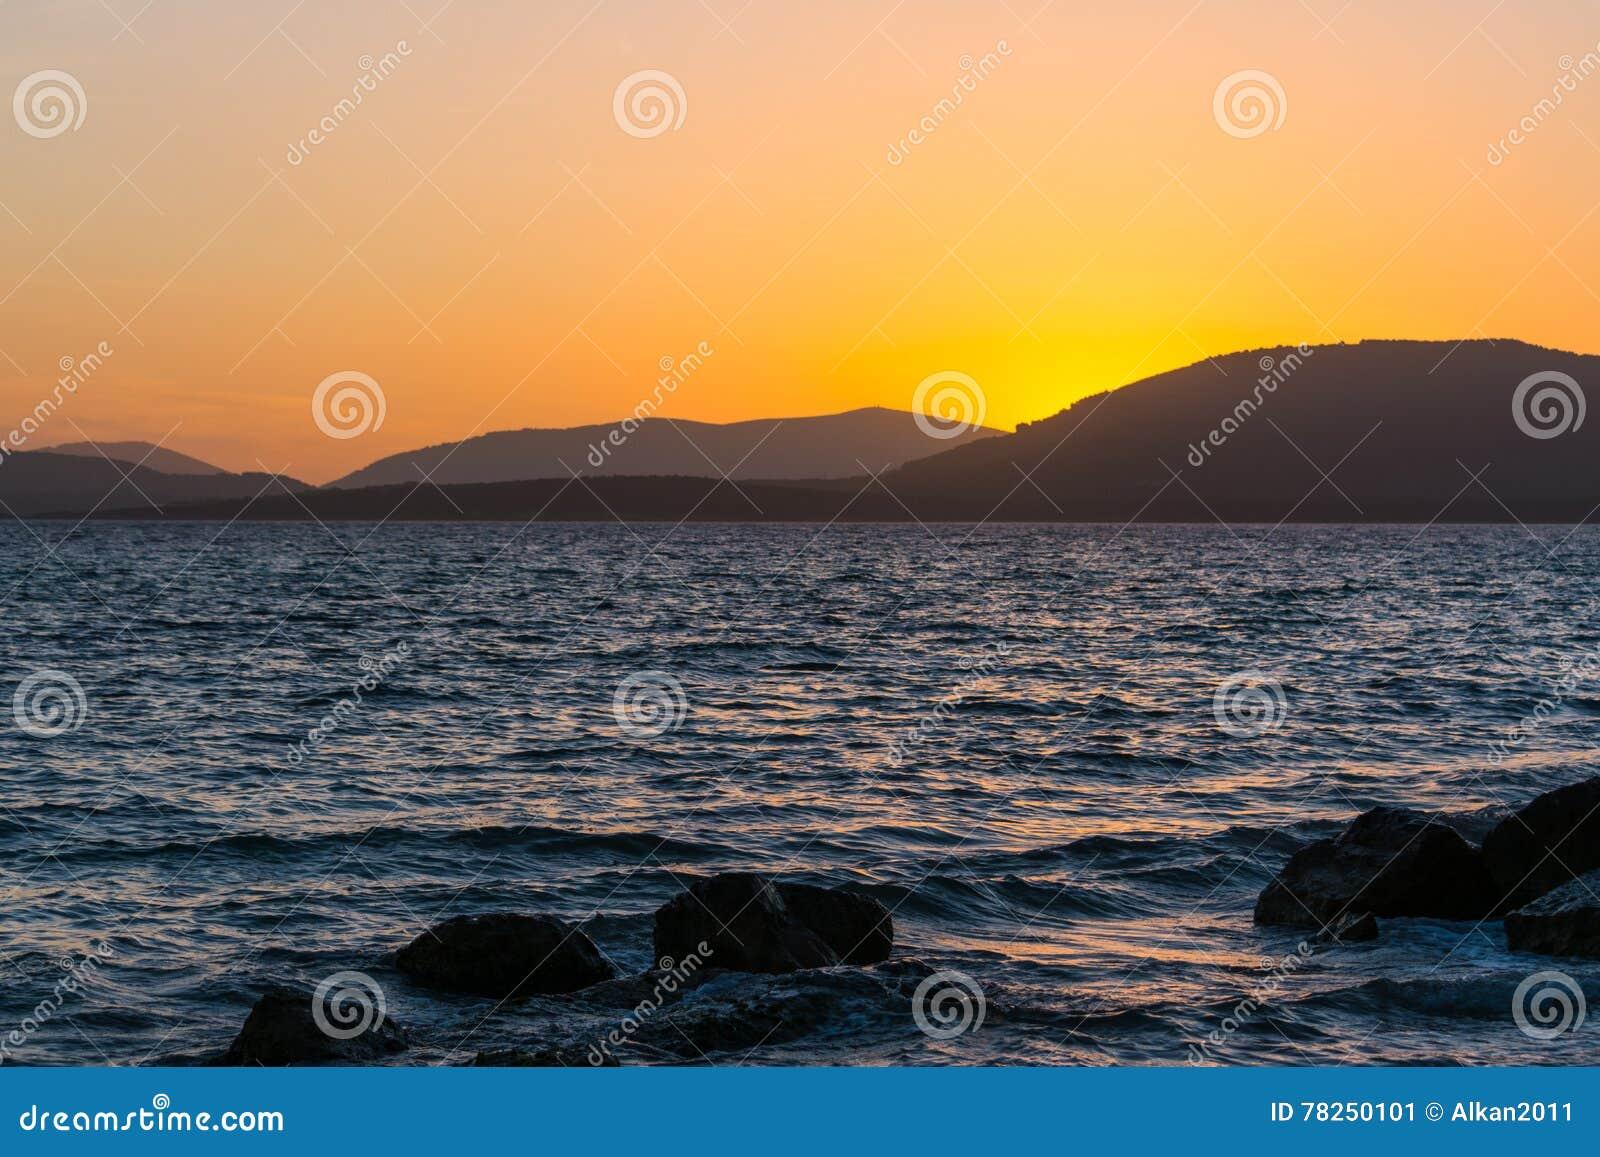 Ζωηρόχρωμο ηλιοβασίλεμα στη Σαρδηνία